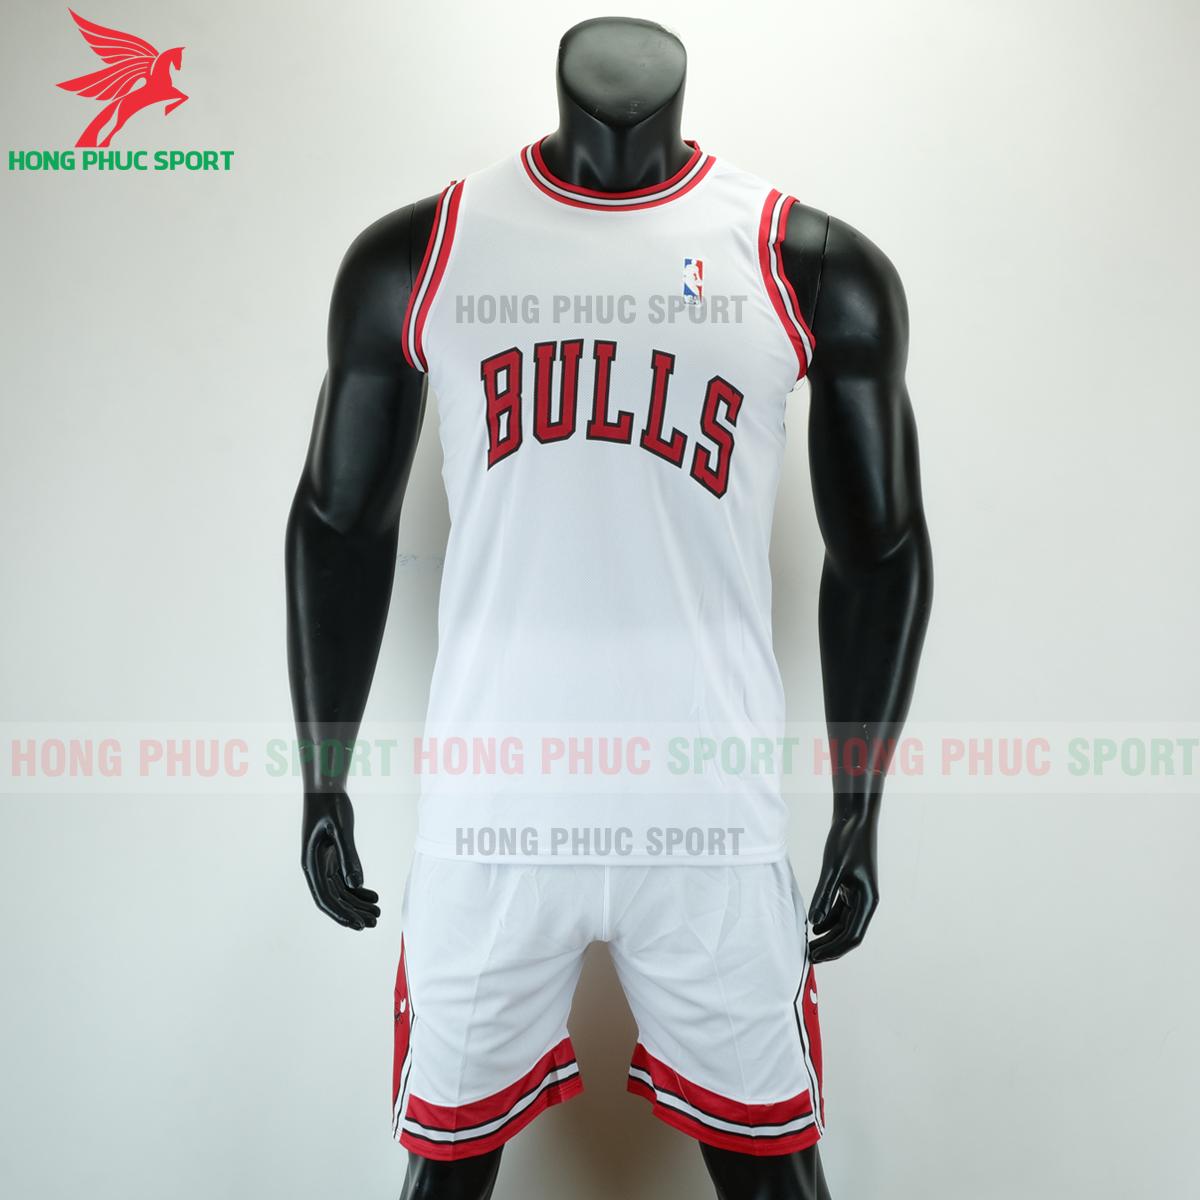 https://cdn.hongphucsport.com/unsafe/s4.shopbay.vn/files/285/ao-bong-ro-bulls-mau-trang-6-5f76dacaa9fbf.png